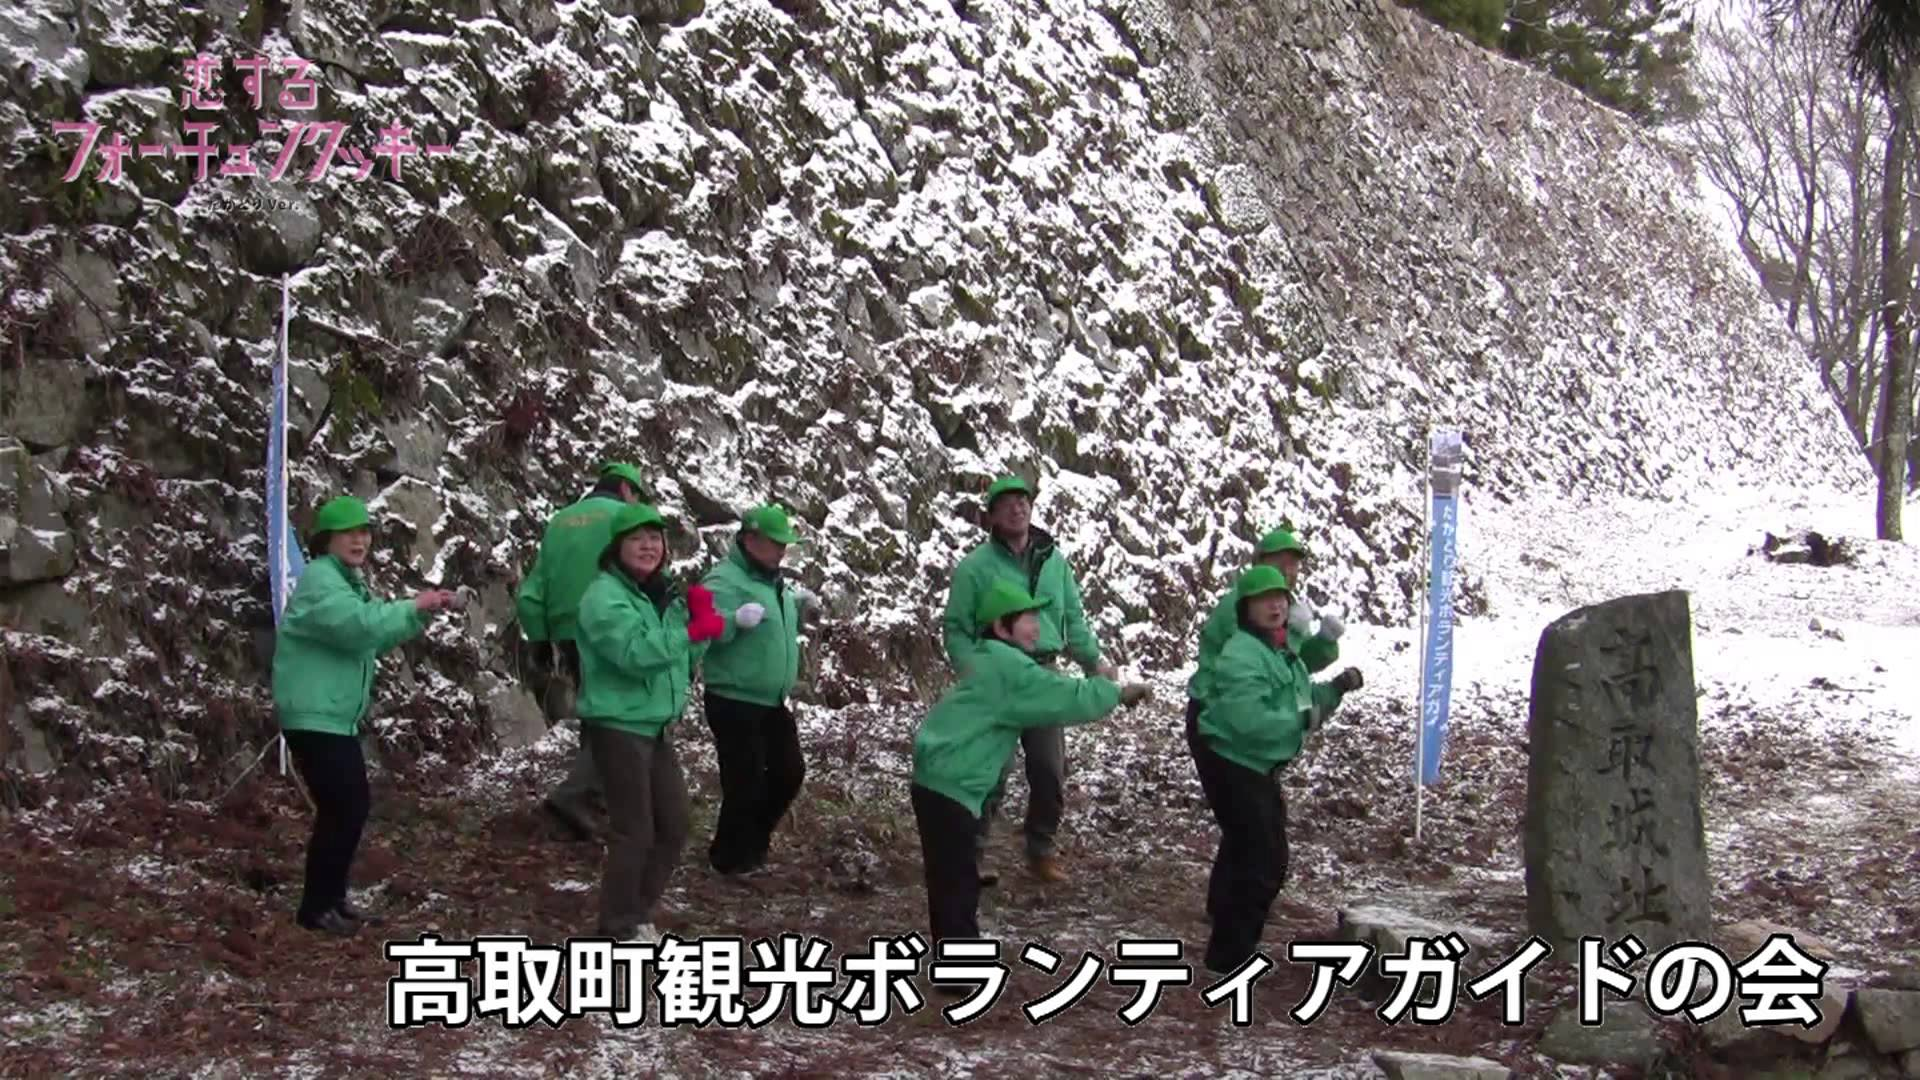 ご当地【恋するフォーチュンクッキー】 奈良県Ver.